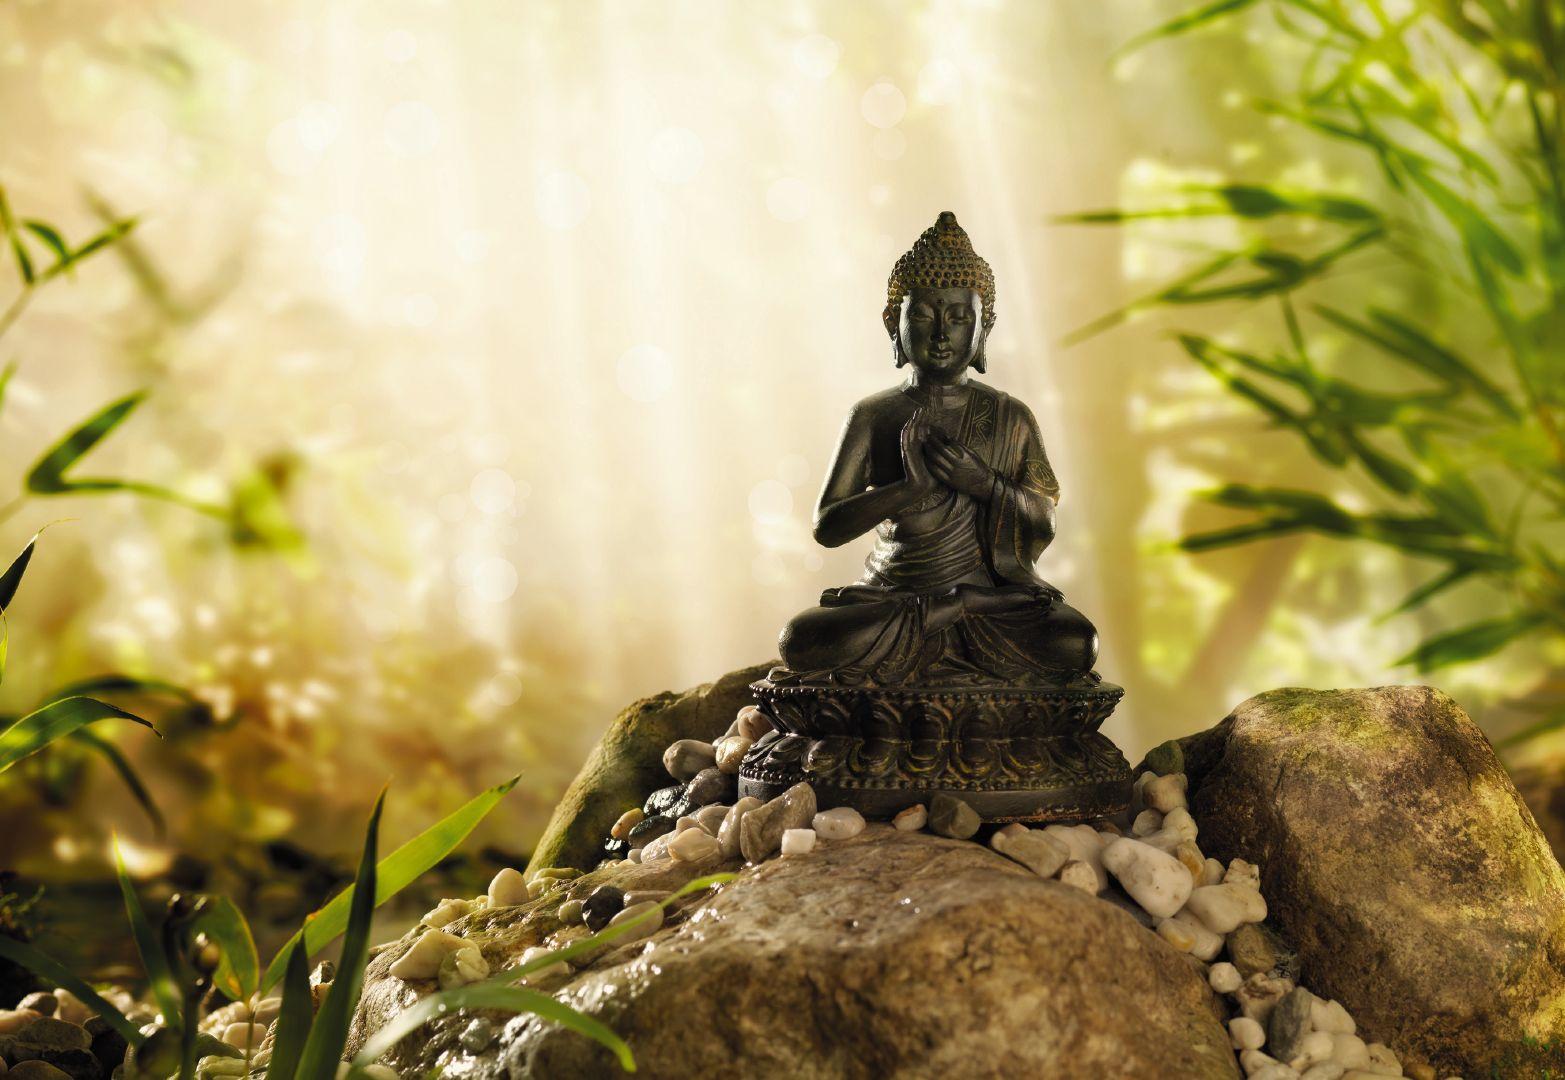 47+ Lord Buddha Wallpaper HD on WallpaperSafari